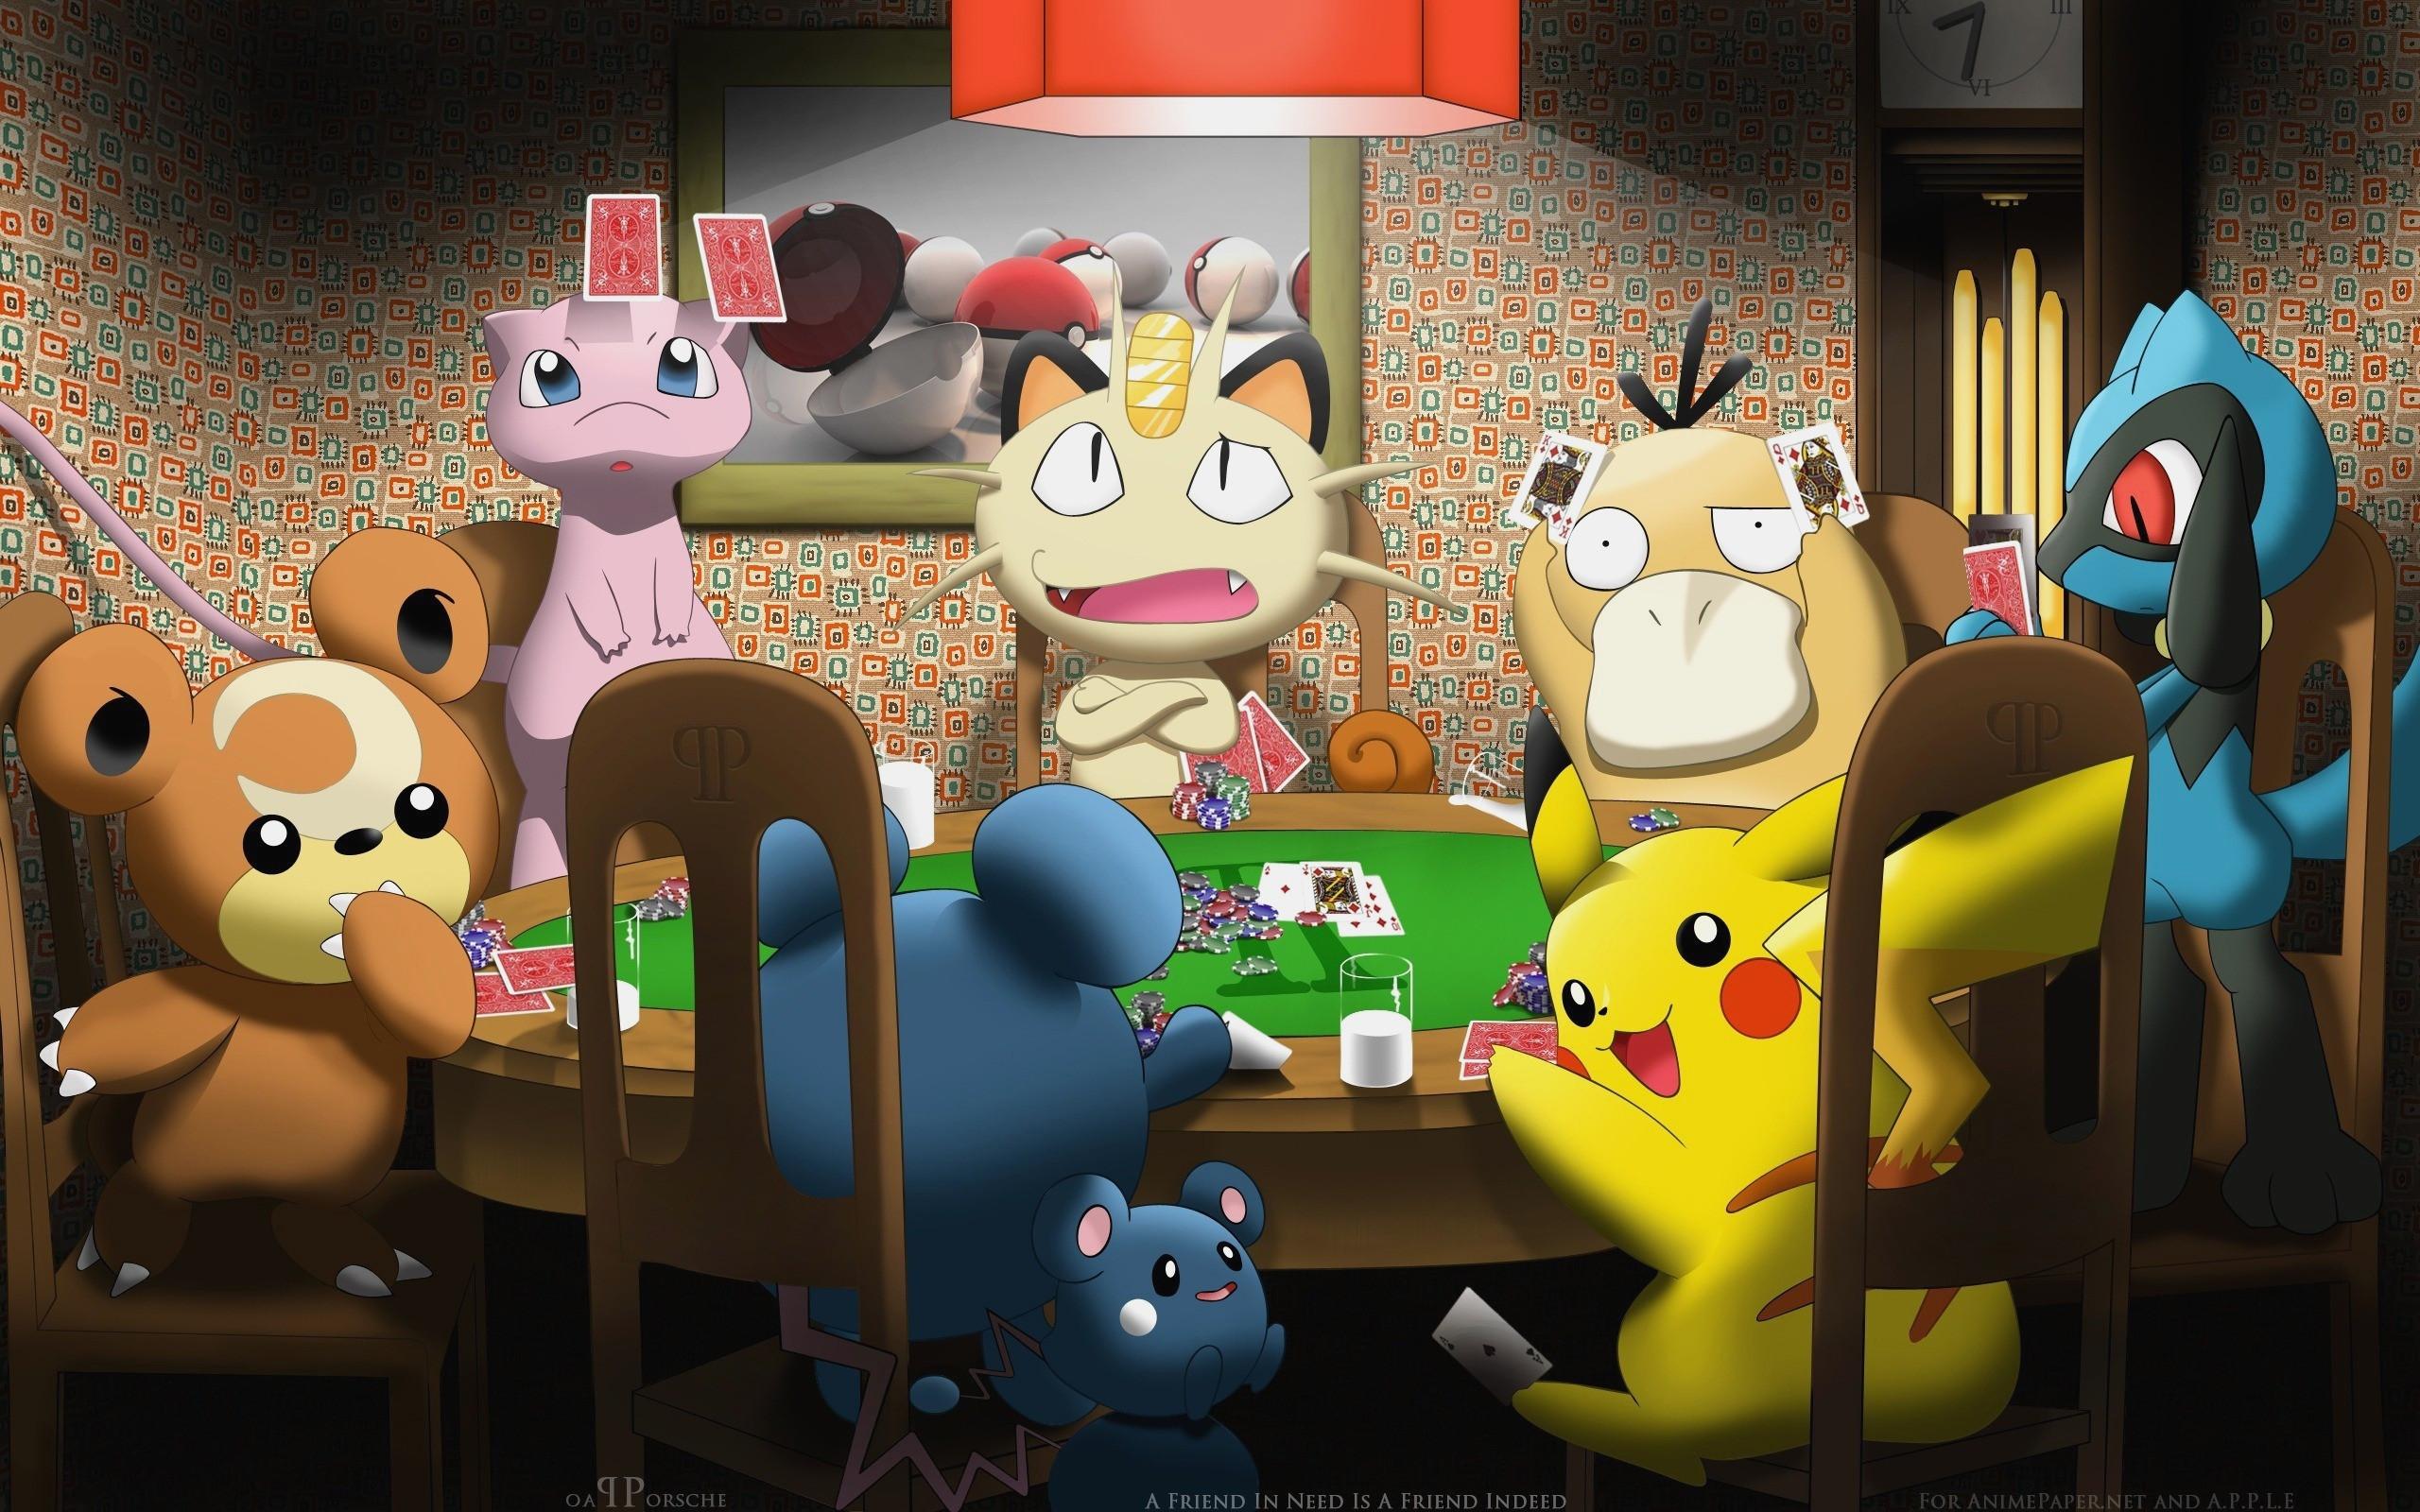 Malvorlagen Pokemon Pikachu Inspirierend 10 Wallpaper Download Pokemon Download Wallpaper Hd for Pc Bilder